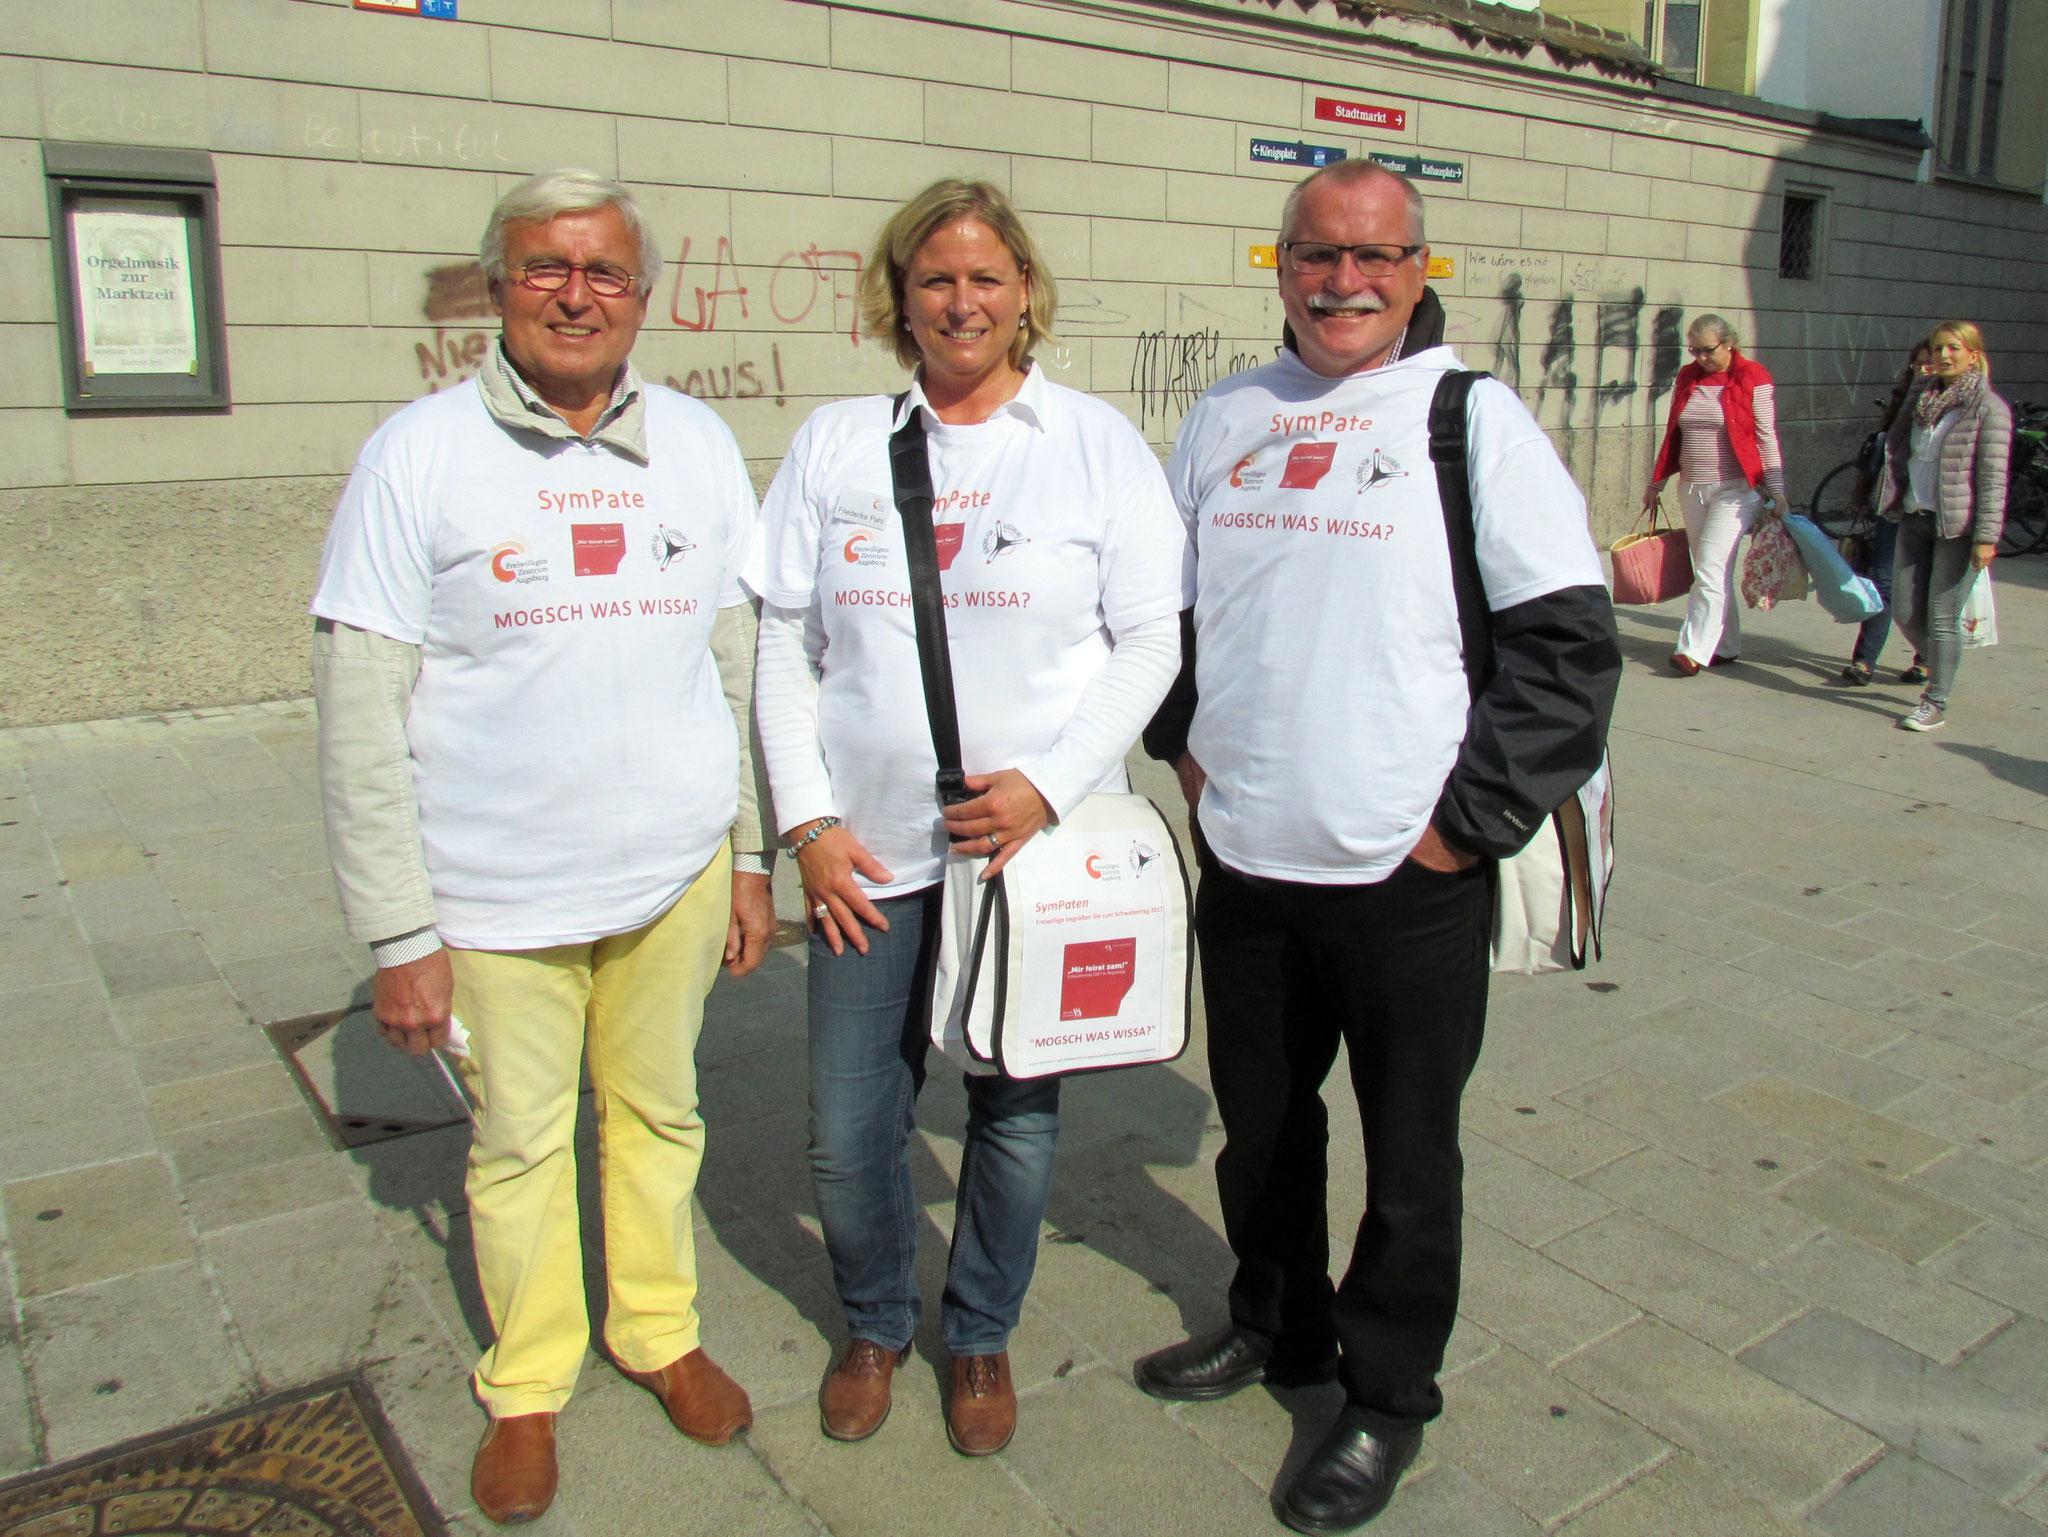 SymPaten - Schwabentag 2017 - Foto: Friederike Pahl - Freiwilligen-Zentrum Augsburg